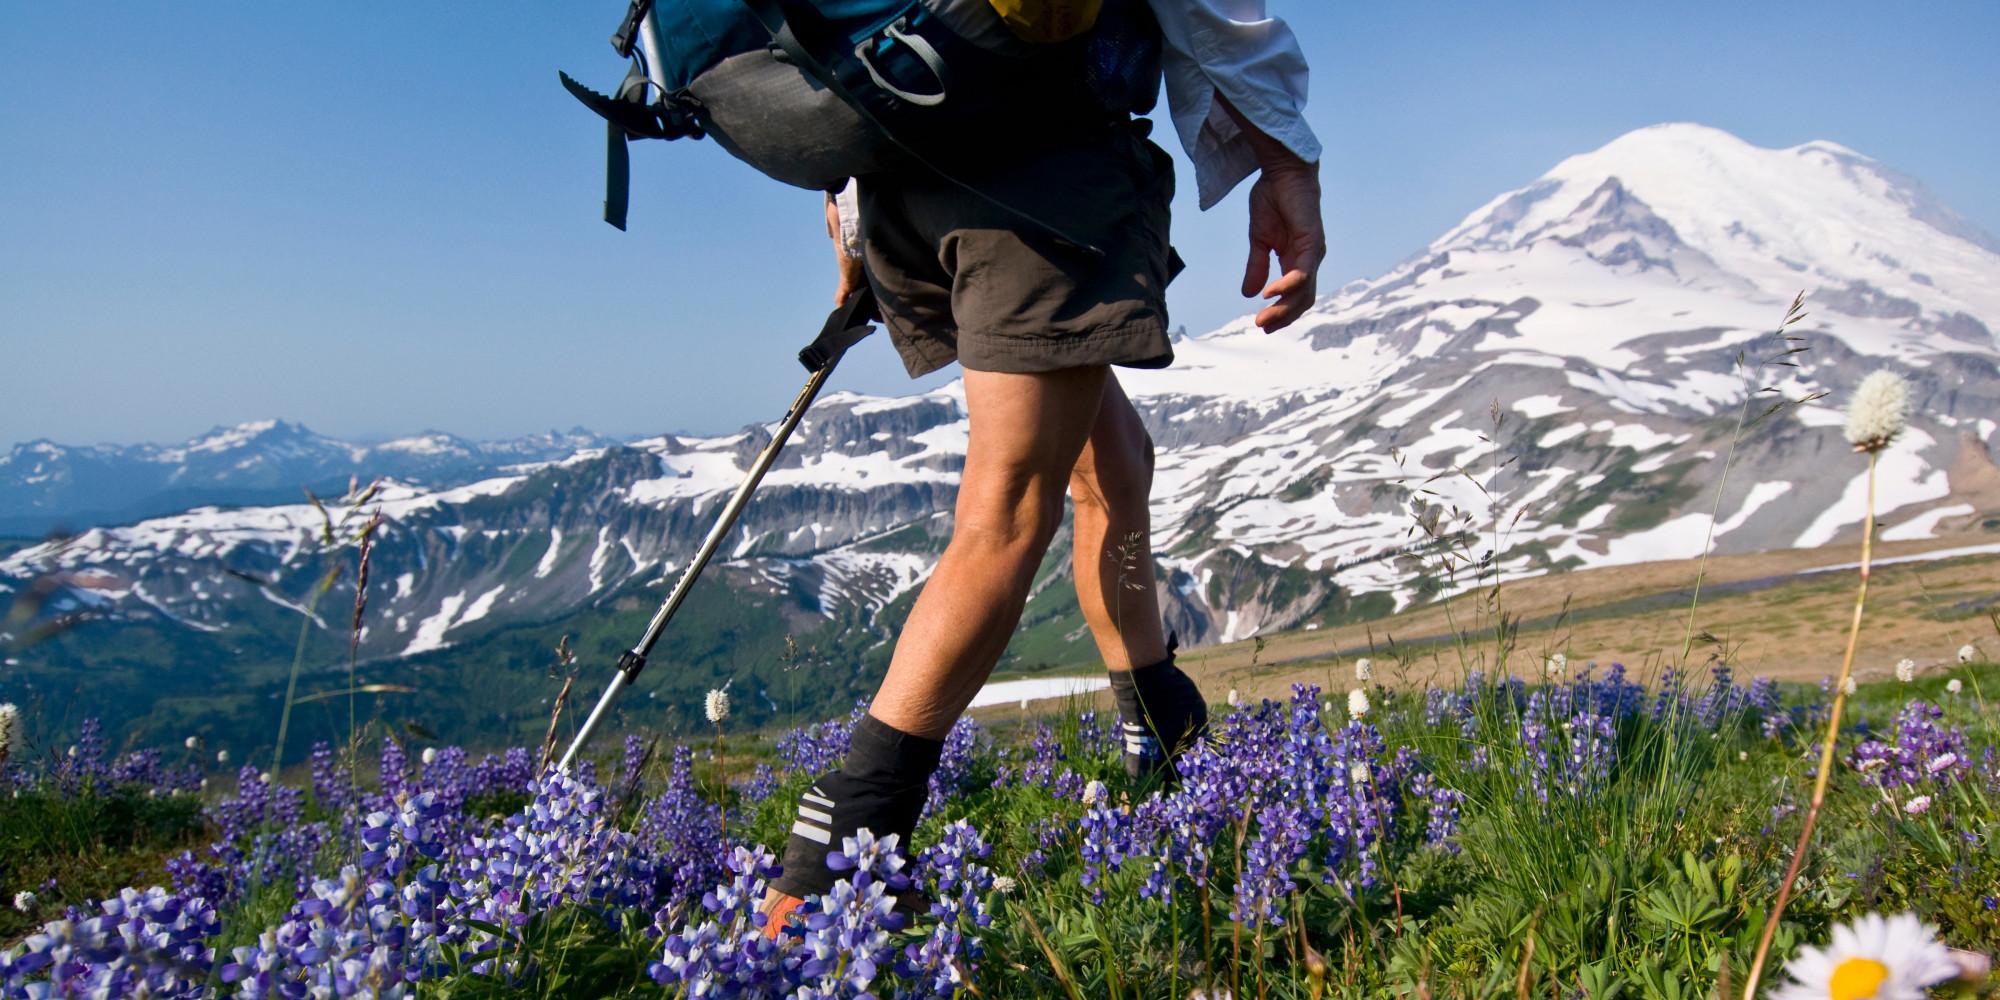 Hasil gambar untuk hiking